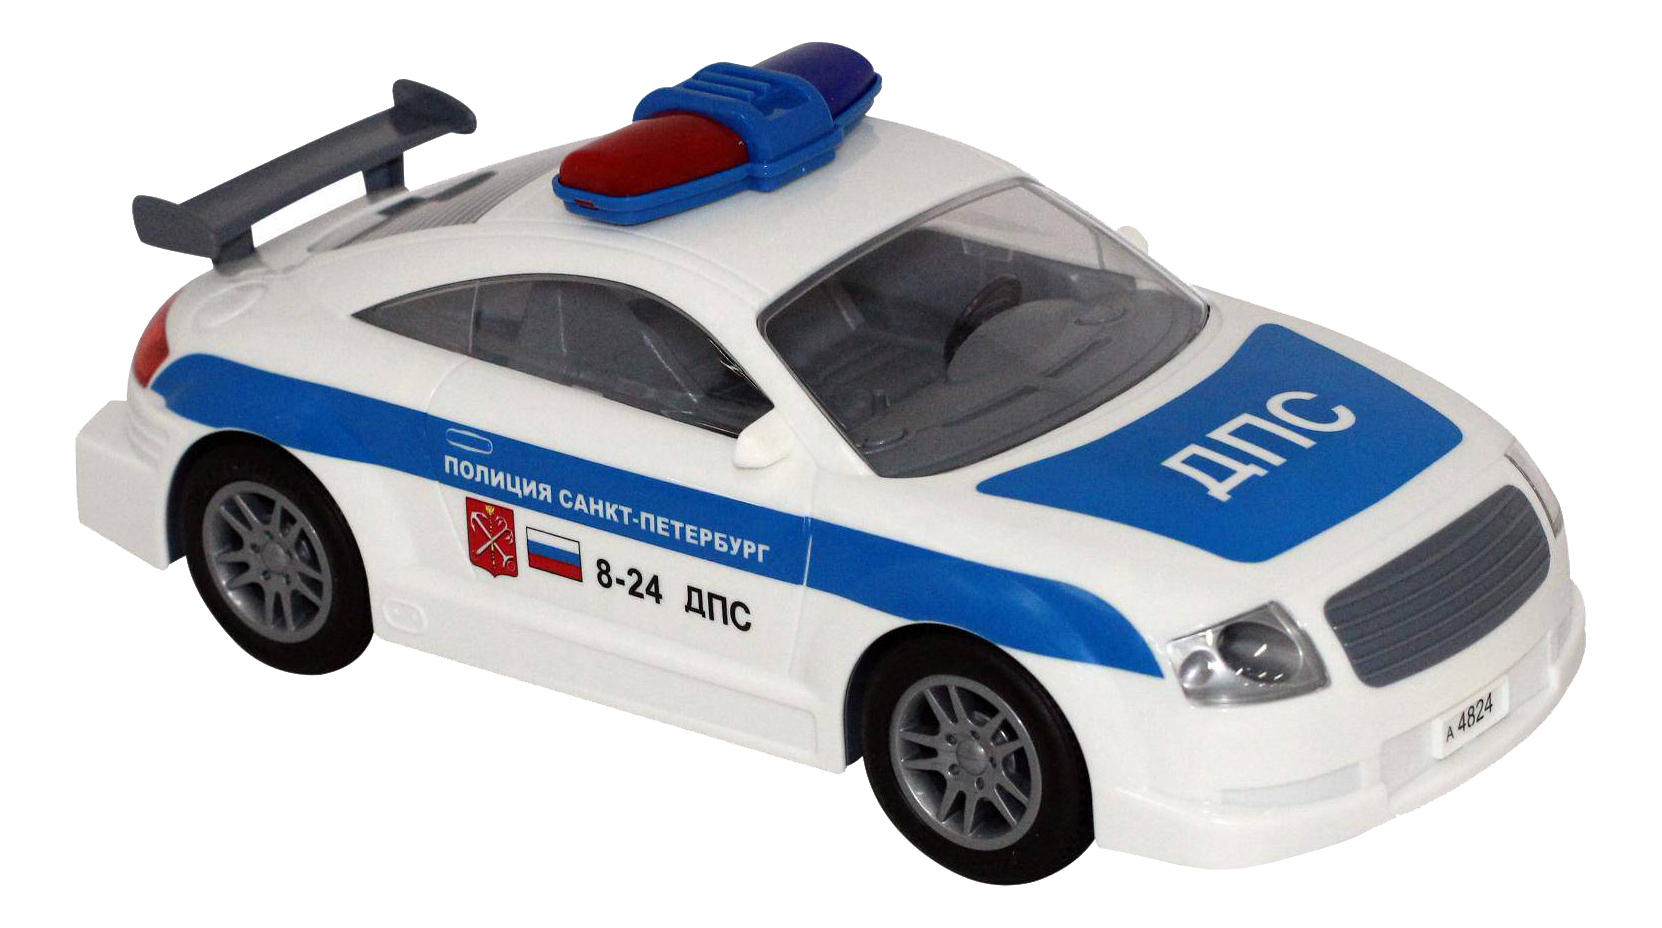 Купить ДПС Санкт-Петербург, Полицейская машина Полесье ДПС - Санкт-Петербург, Спецслужбы